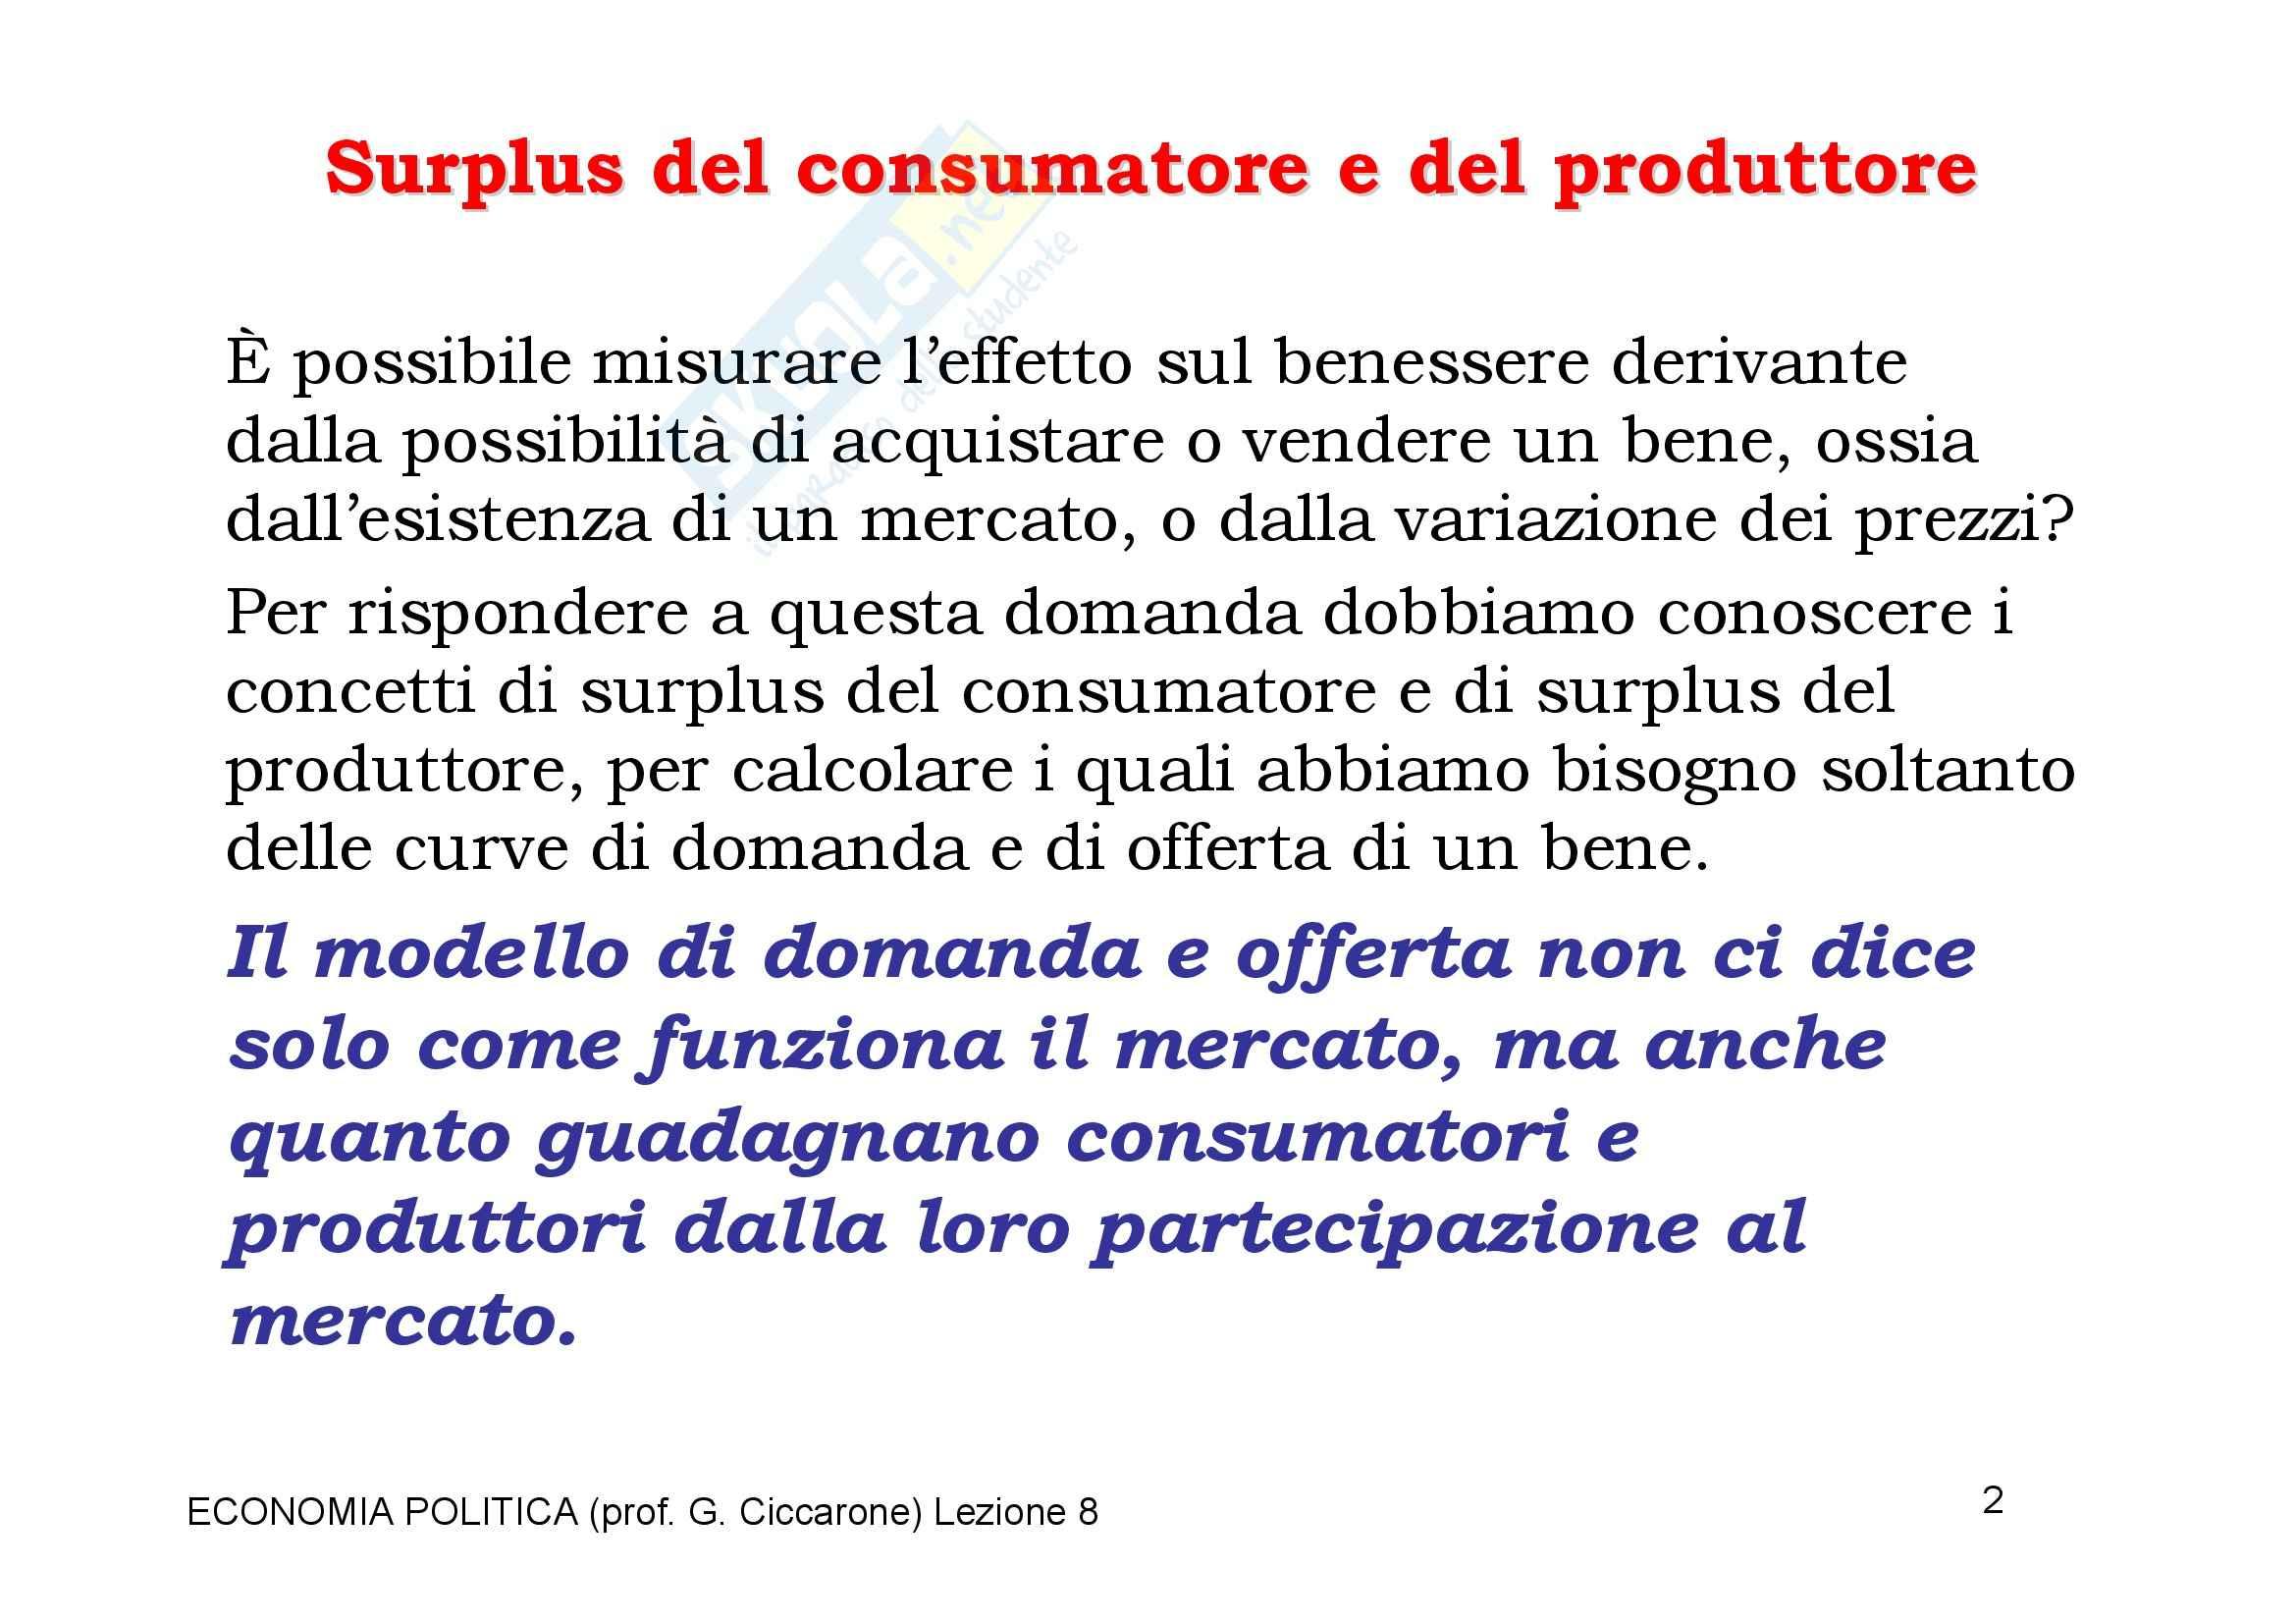 Economia monetaria - il surplus di mercato Pag. 2